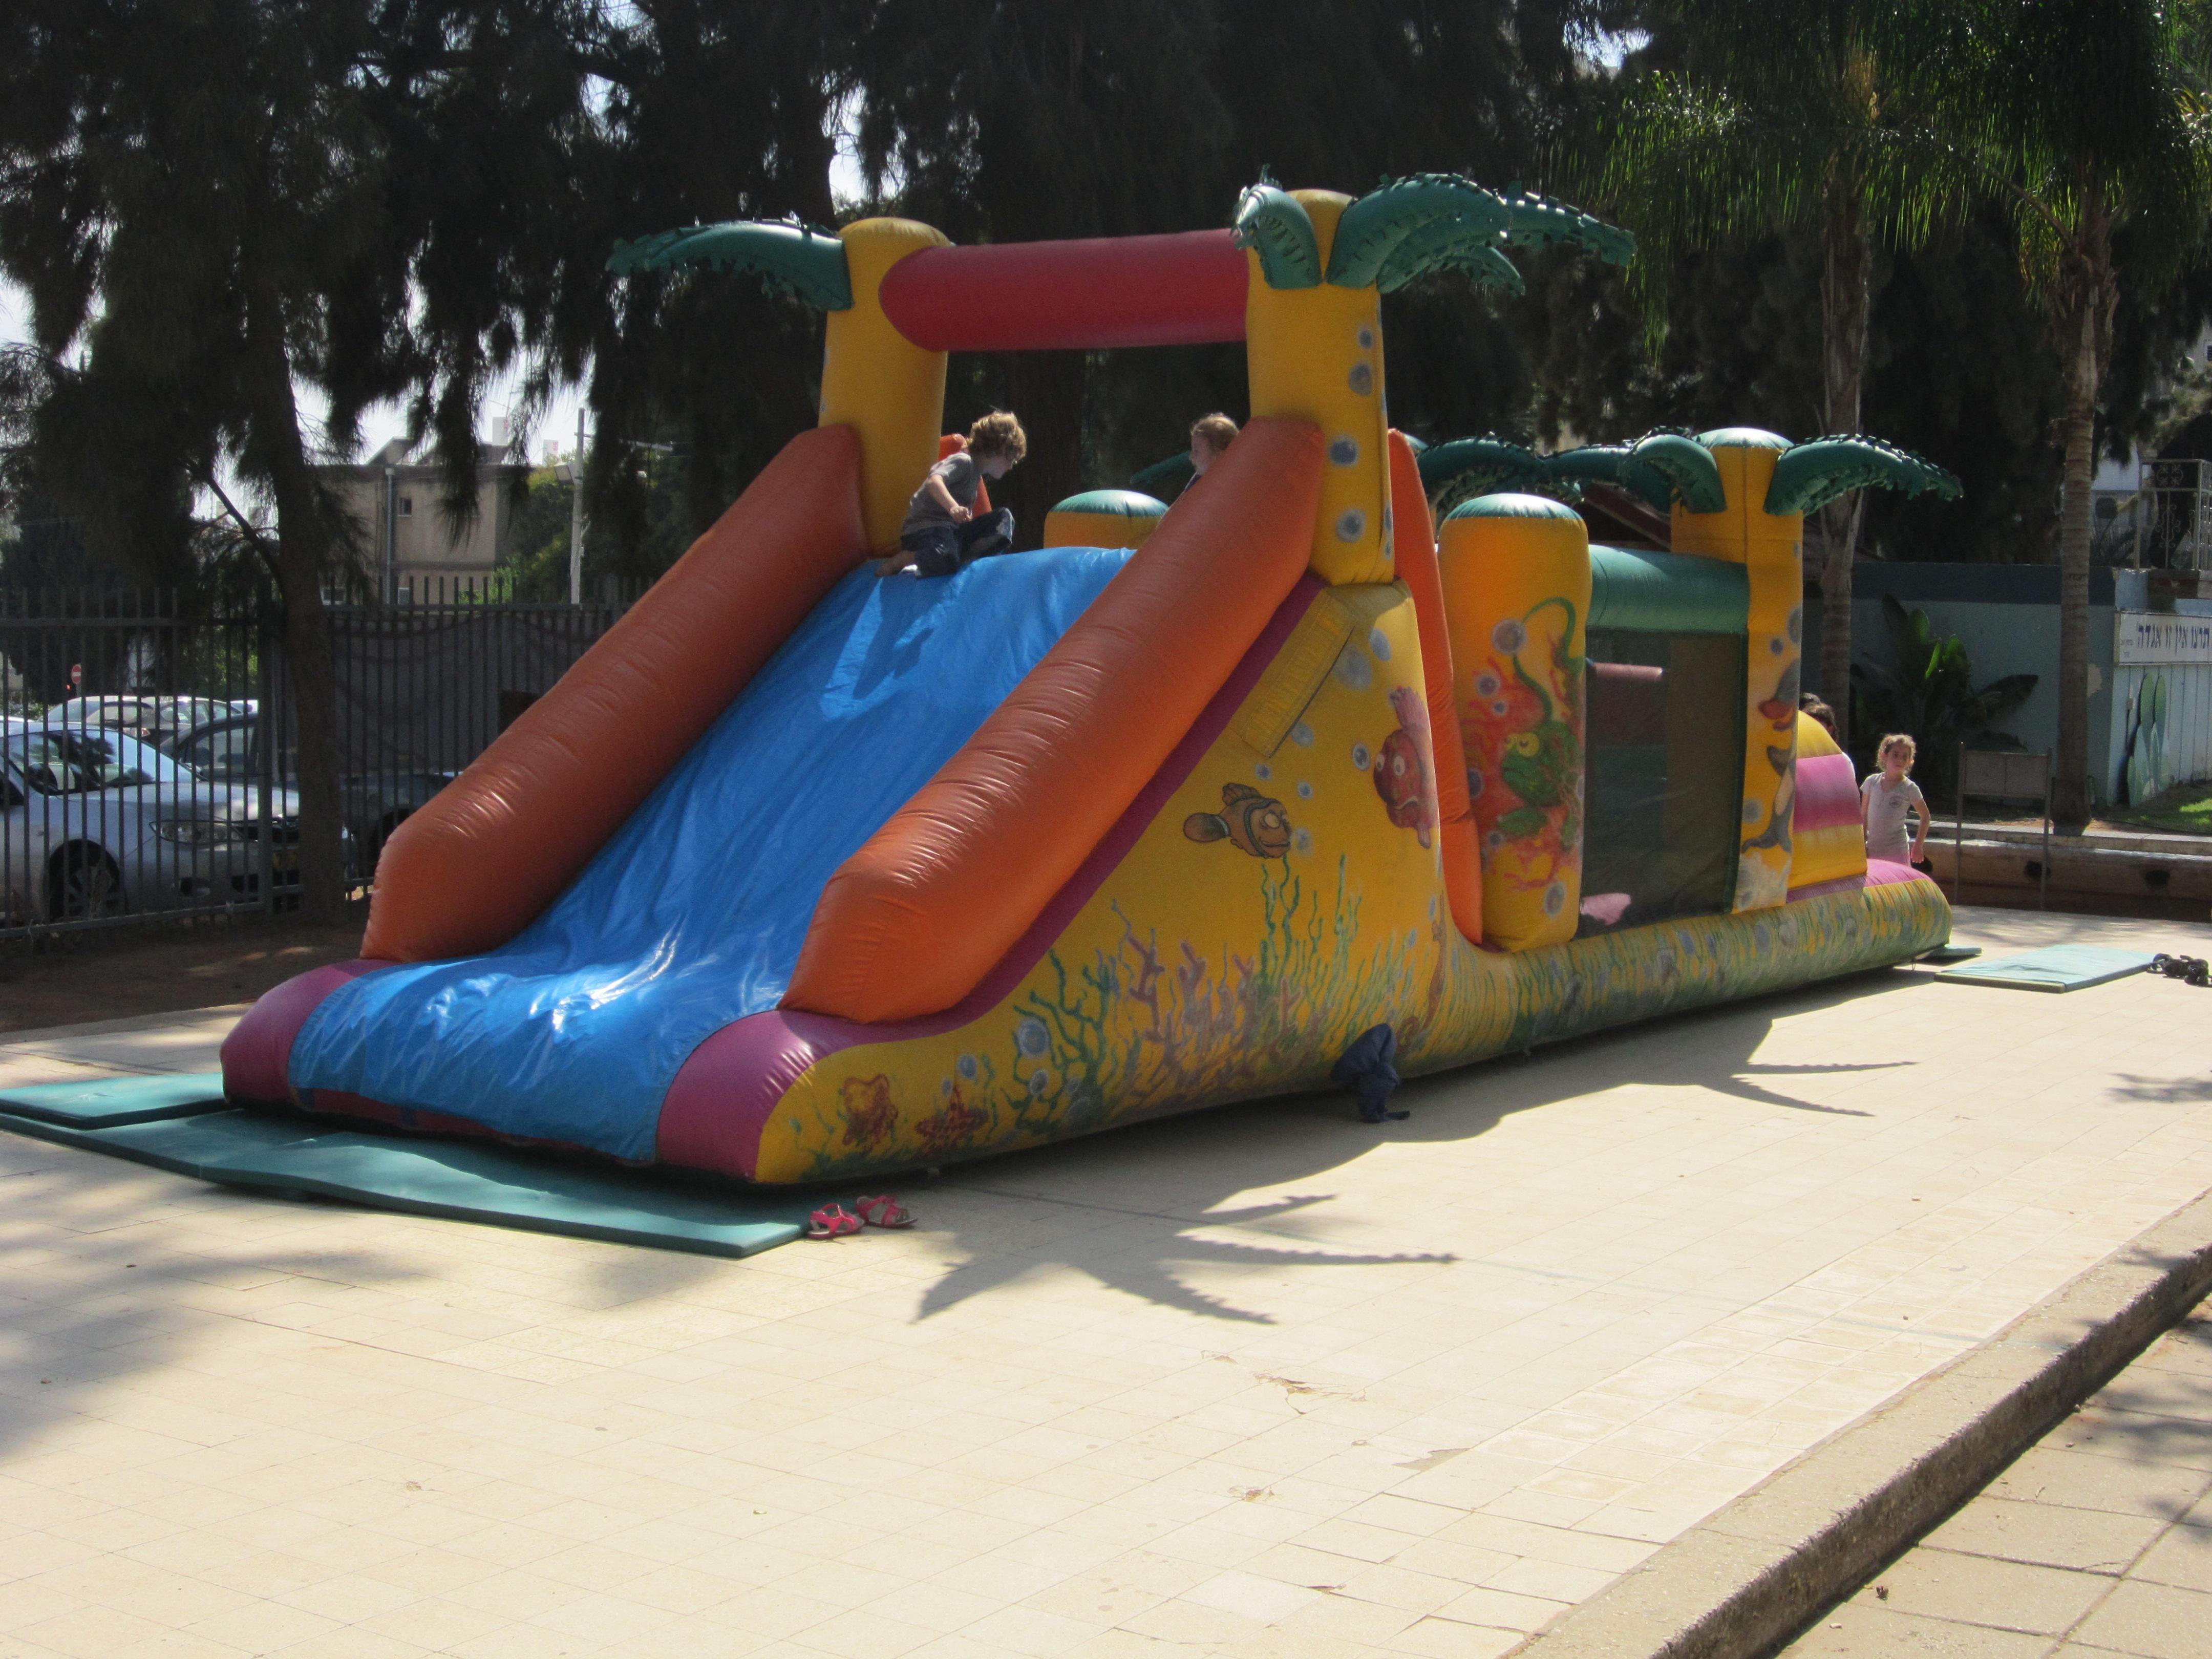 מתקנים מתנפחים לילדים